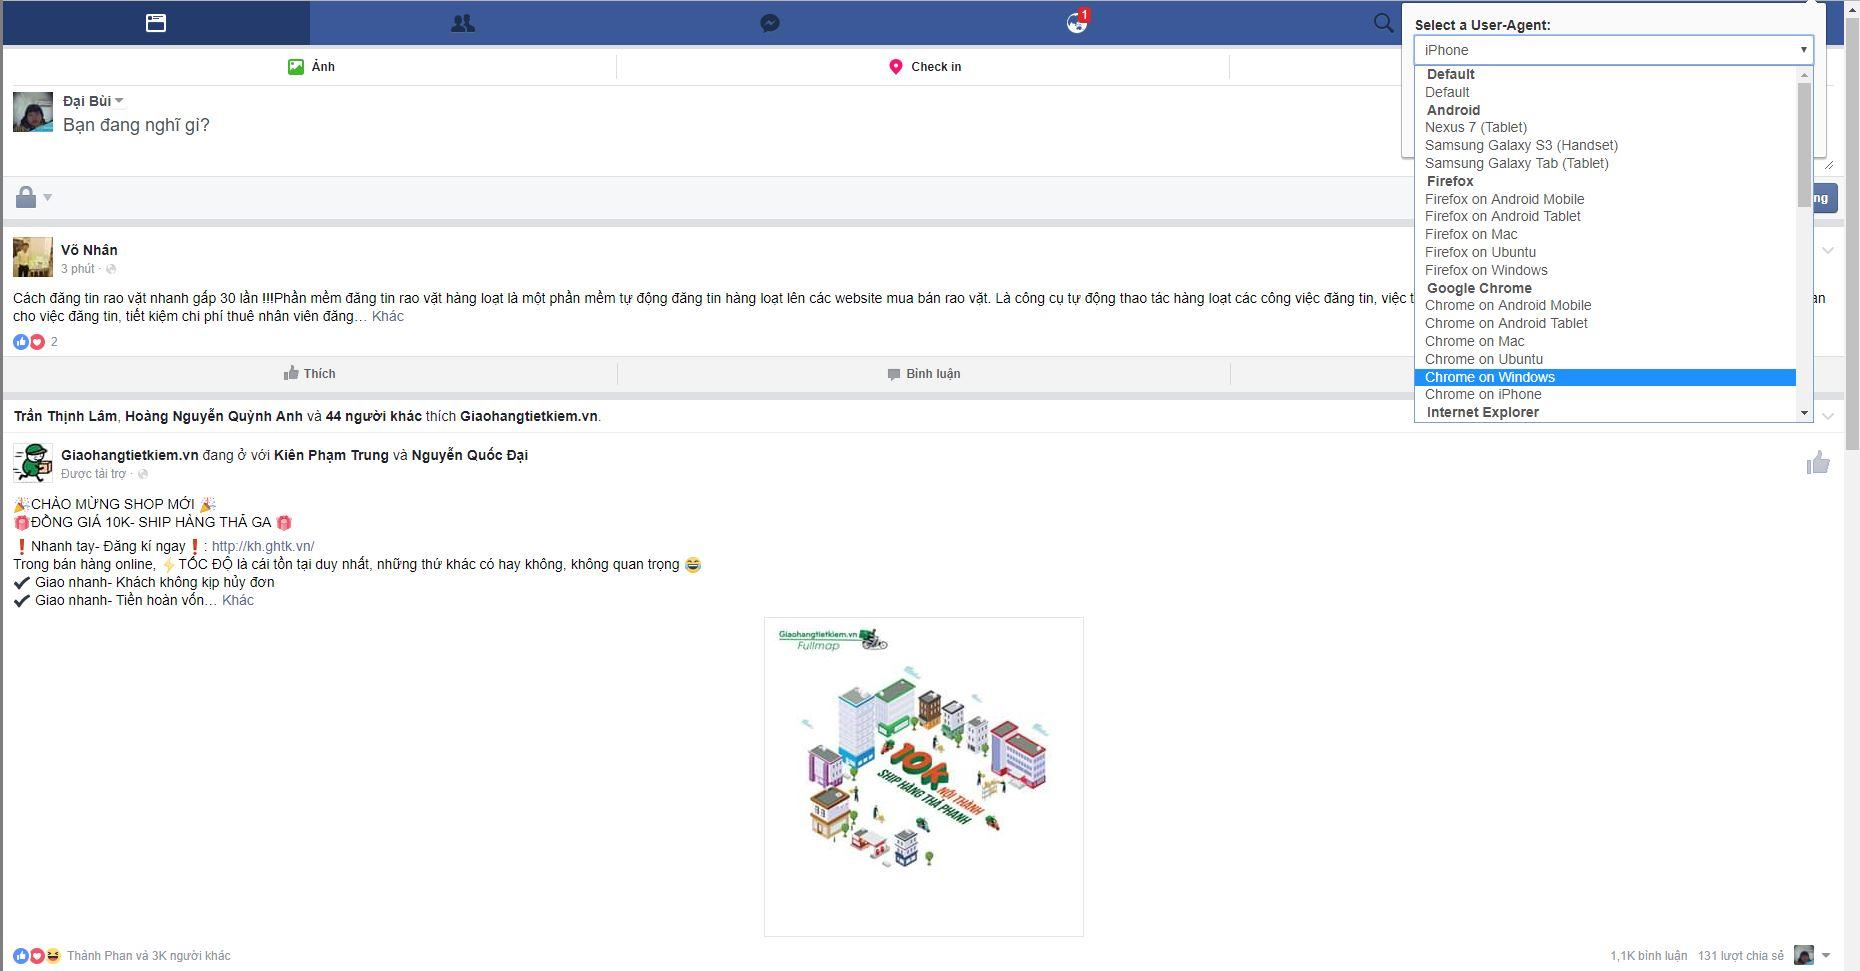 Vô hiệu hóa Facebook Malware Scanner - image 5 on https://atpsoftware.com.vn